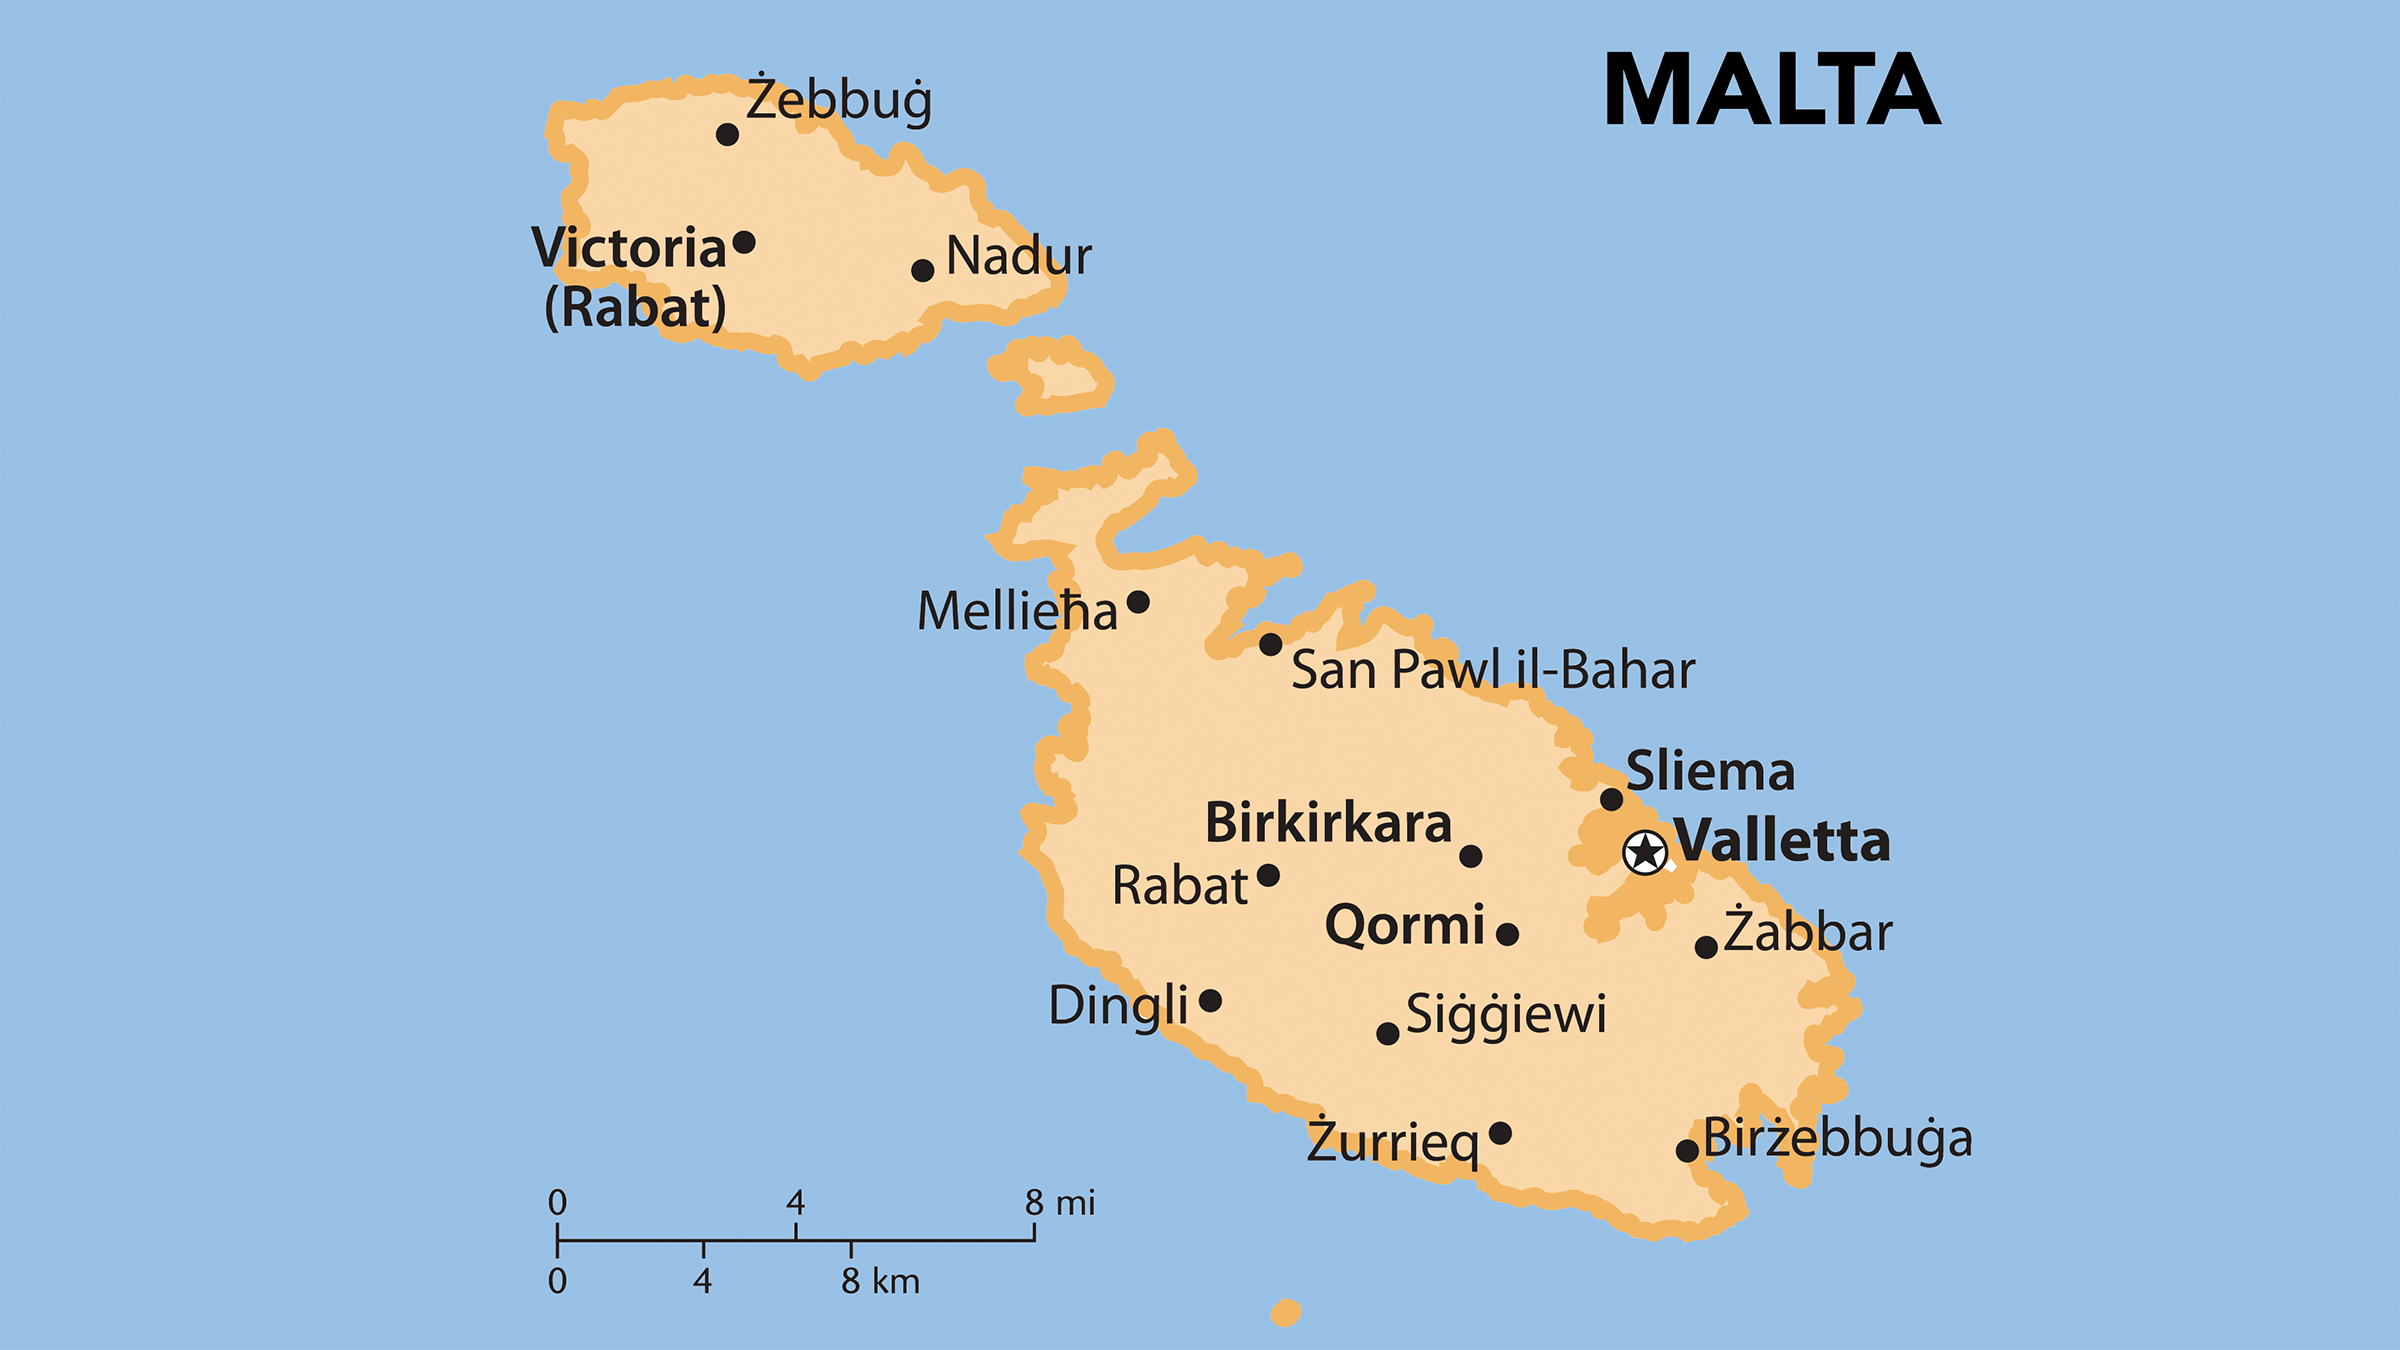 malta mapa Mapa turístico de Malta | Mapas del mundo | Pinterest malta mapa